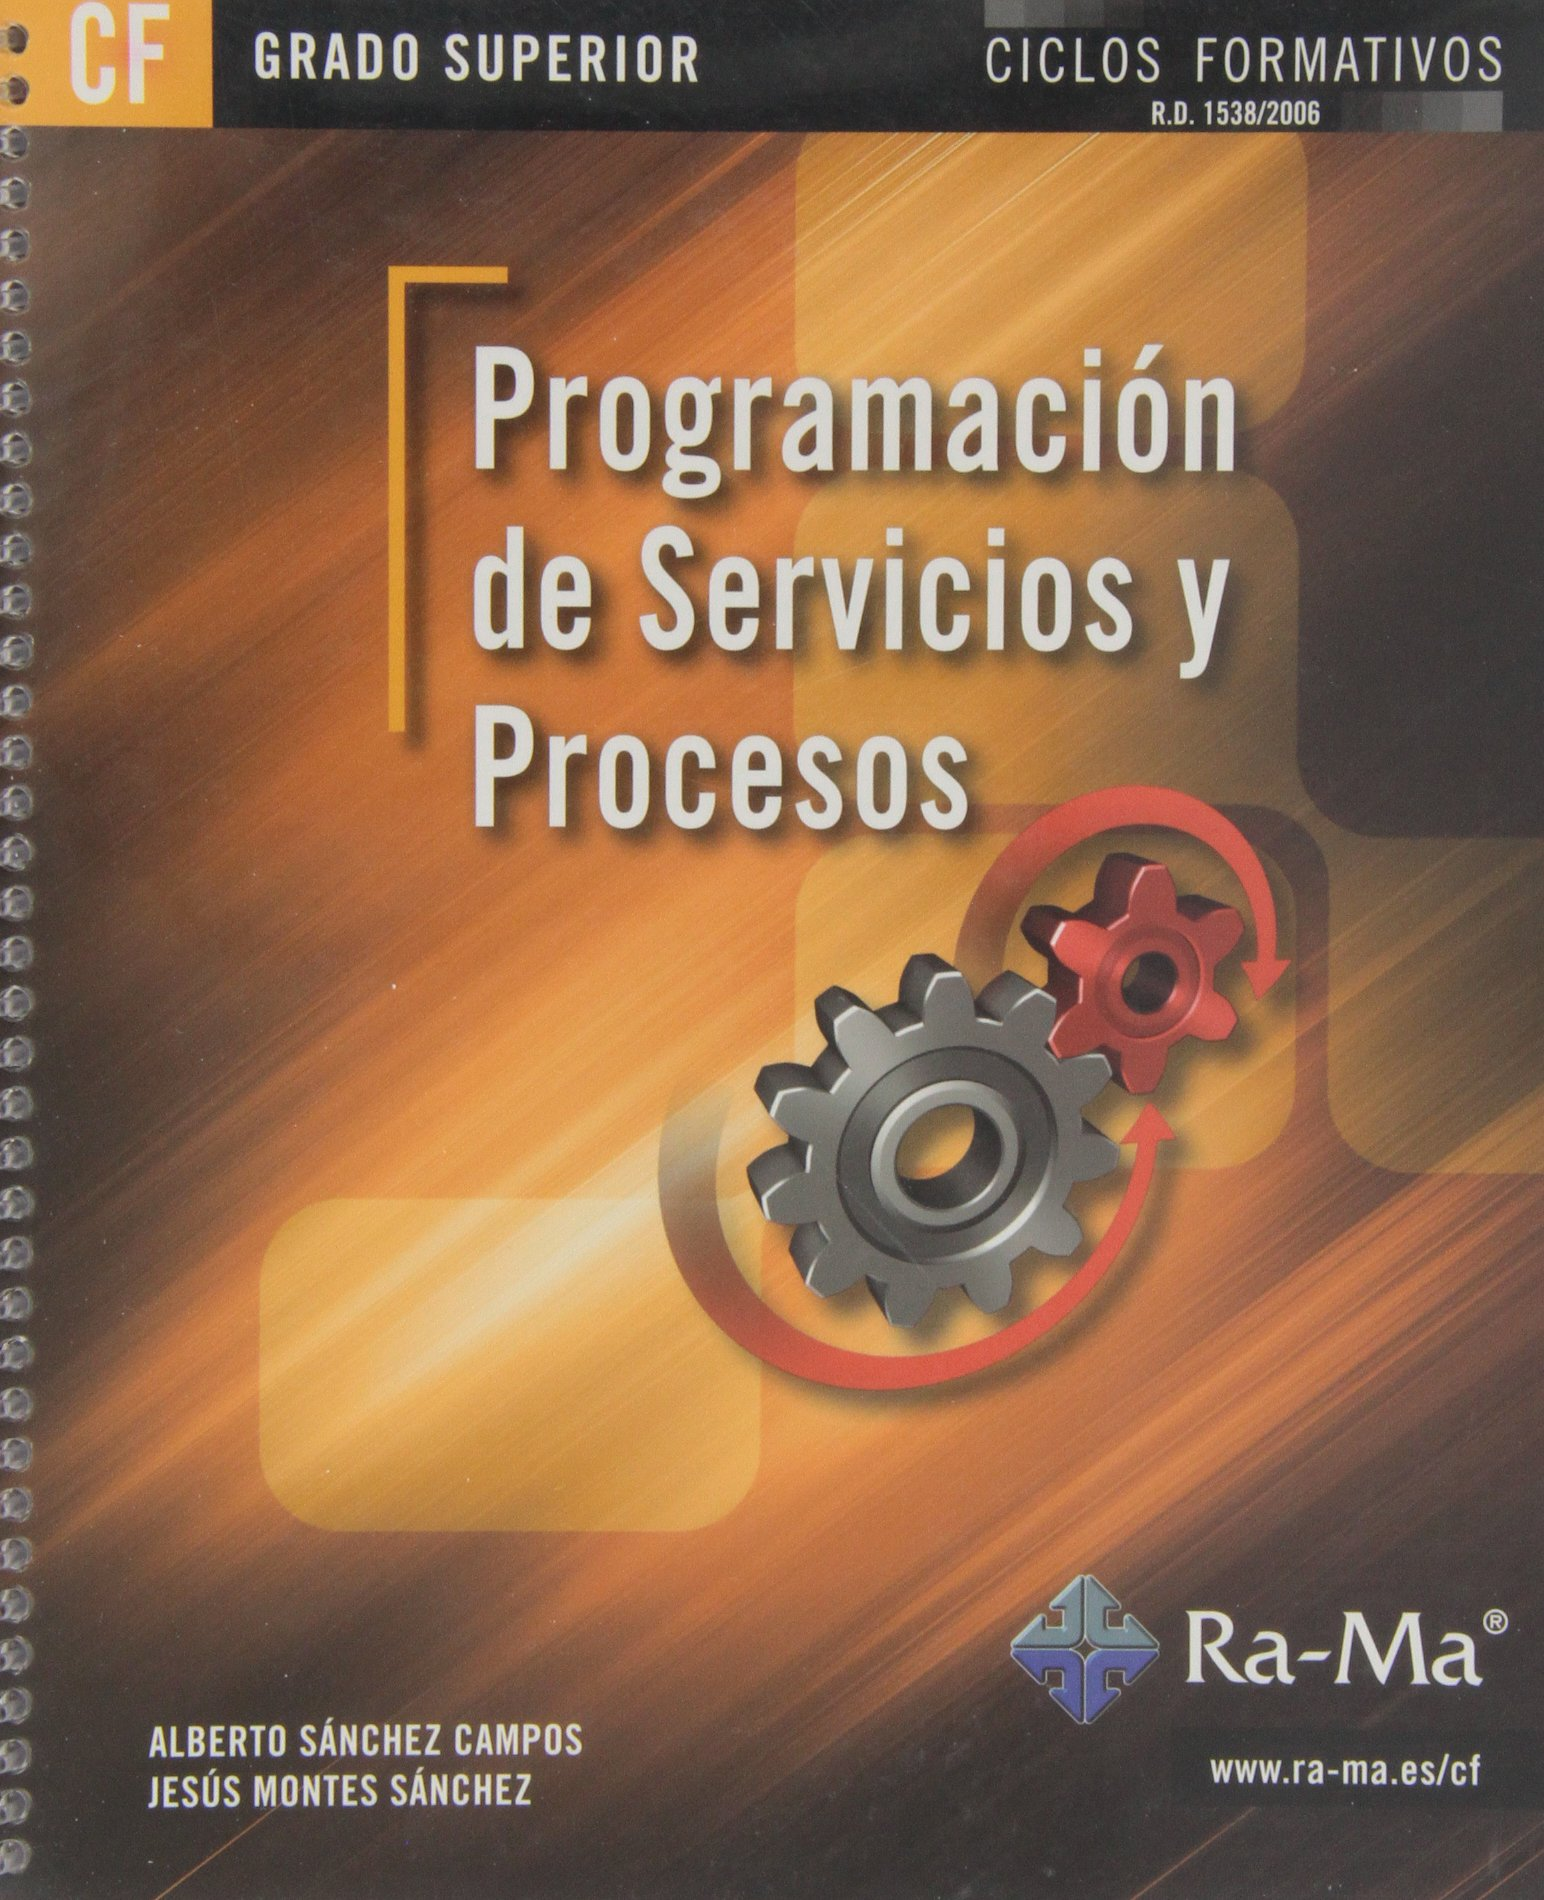 Programación de Servicios y Procesos (GRADO SUPERIOR) Tapa blanda – 10 jun 2013 Alberto Sánchez Campos Jesús Montes Sánchez ANTONIO GARCIA TOME 8499642403